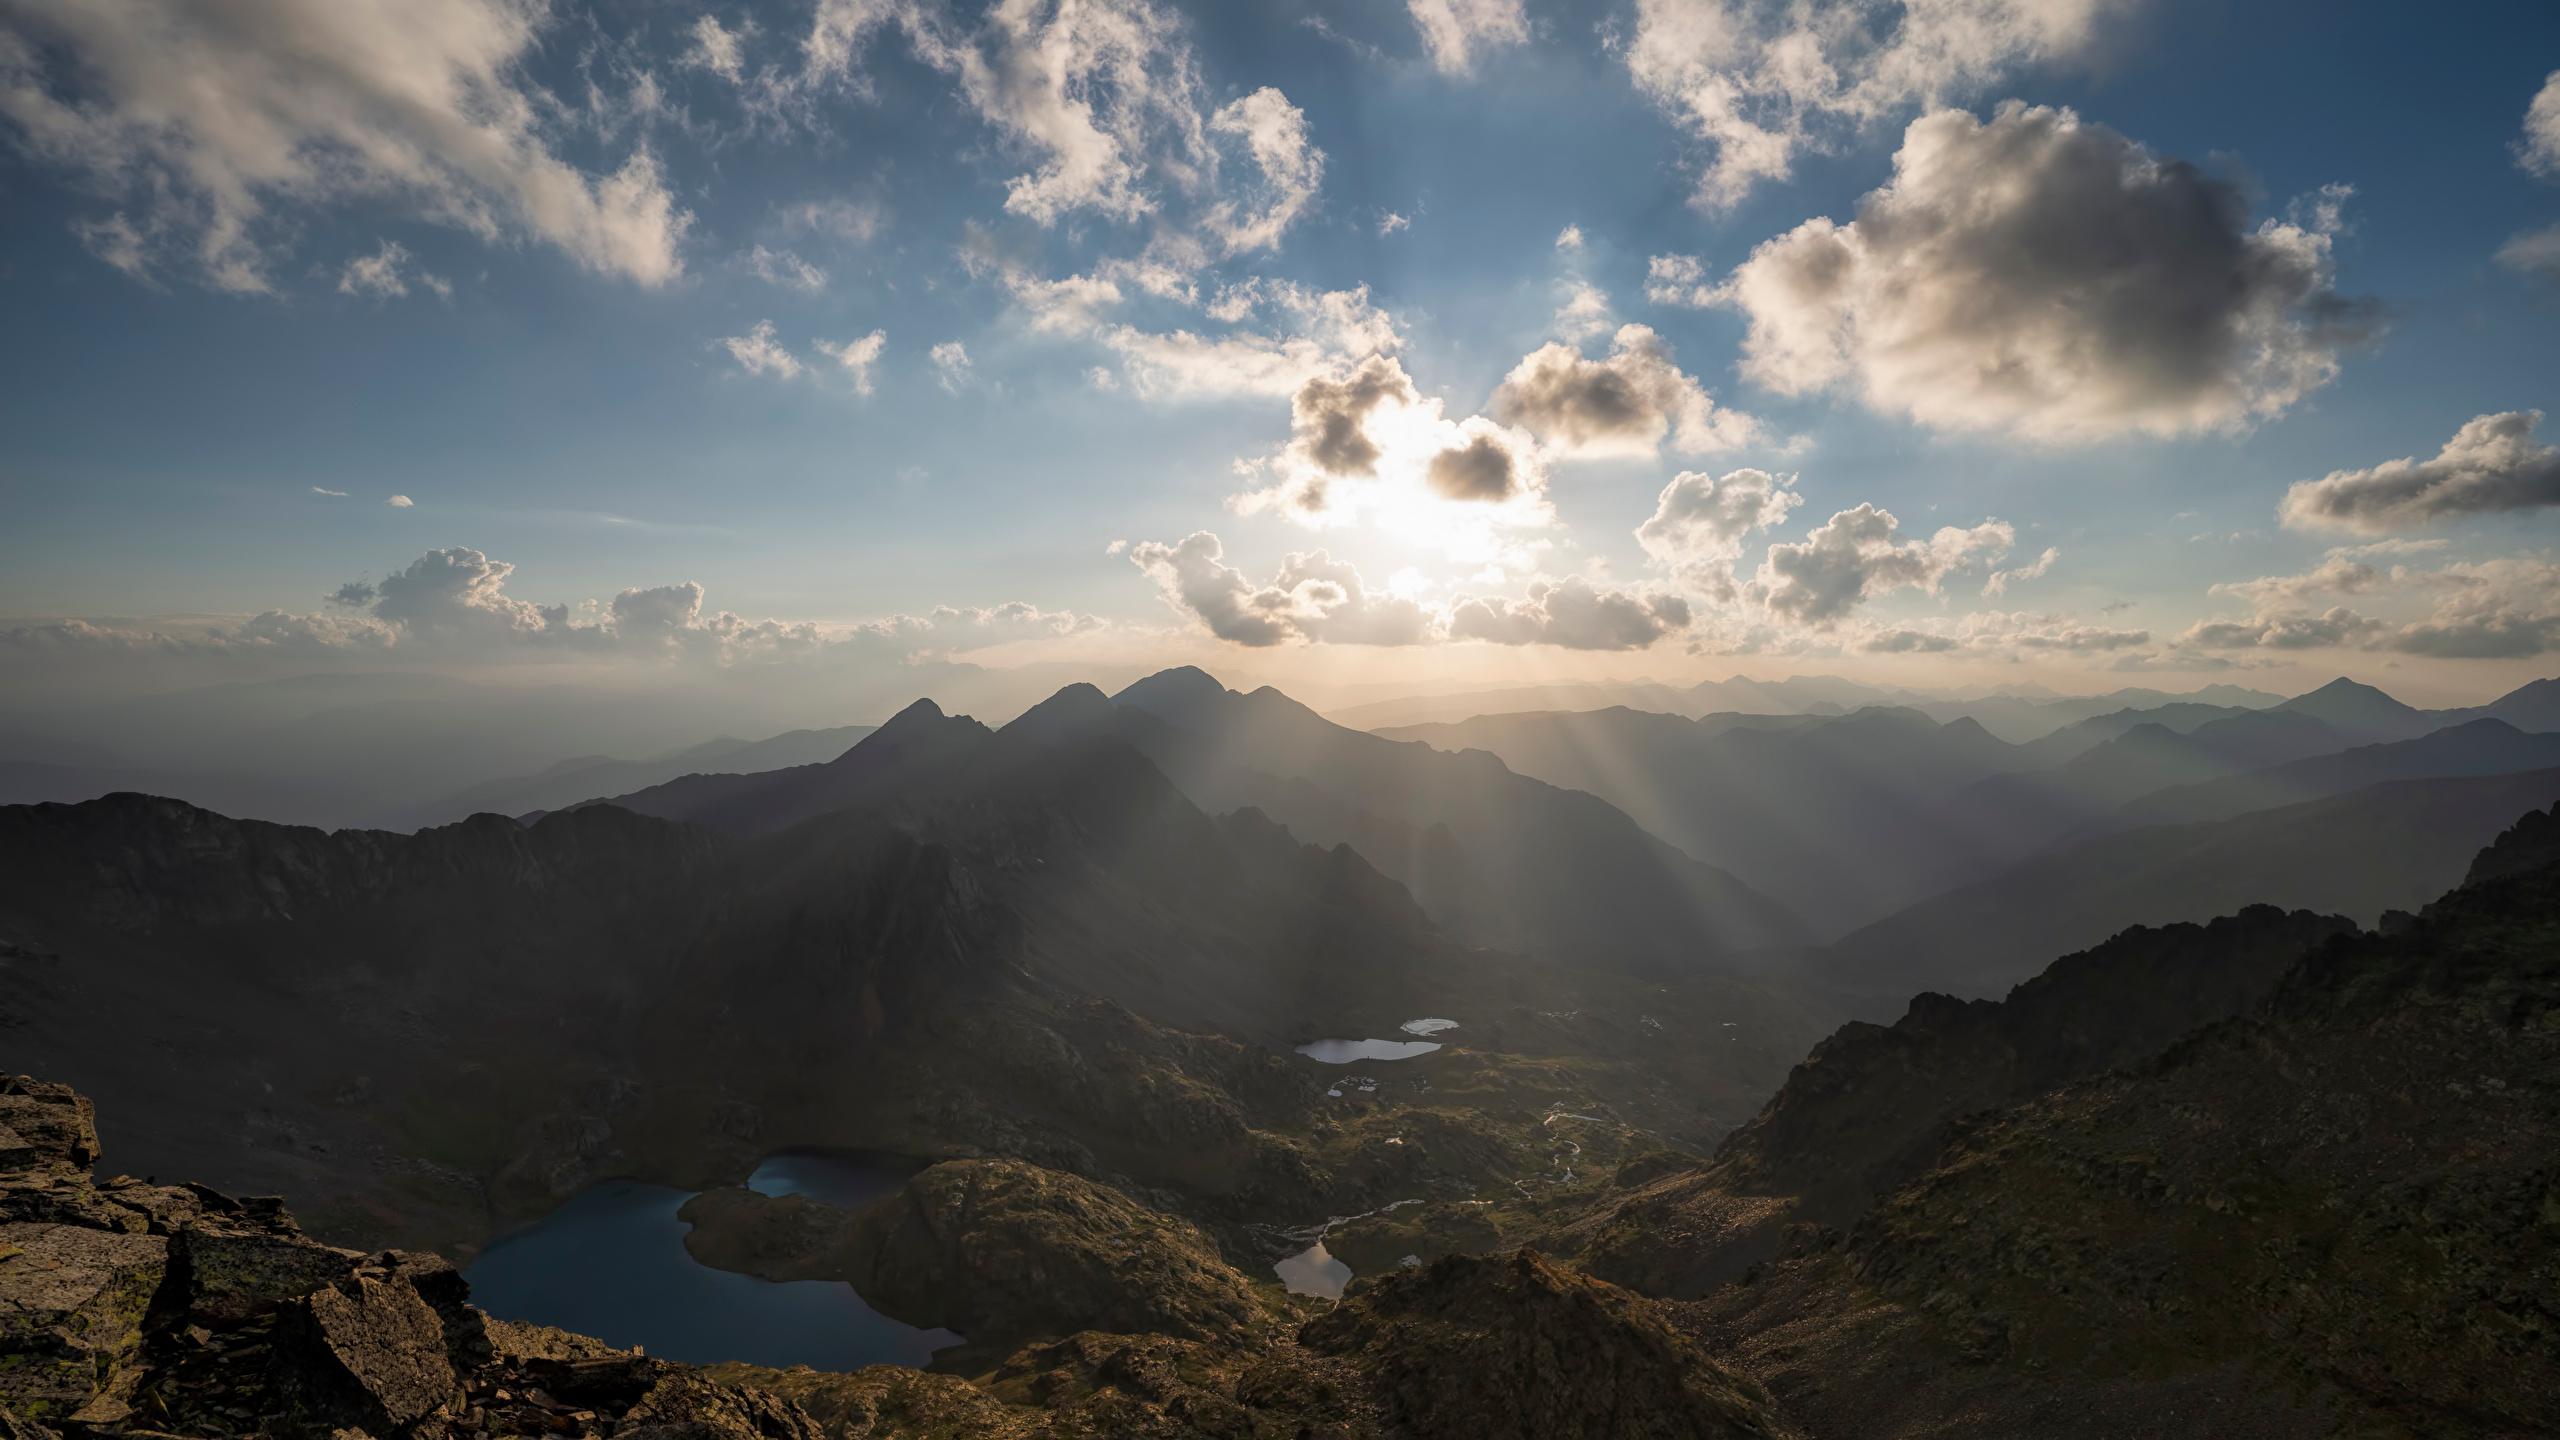 Картинки Лучи света Андорра Pyrenees гора Природа Небо Облака 2560x1440 Горы облако облачно